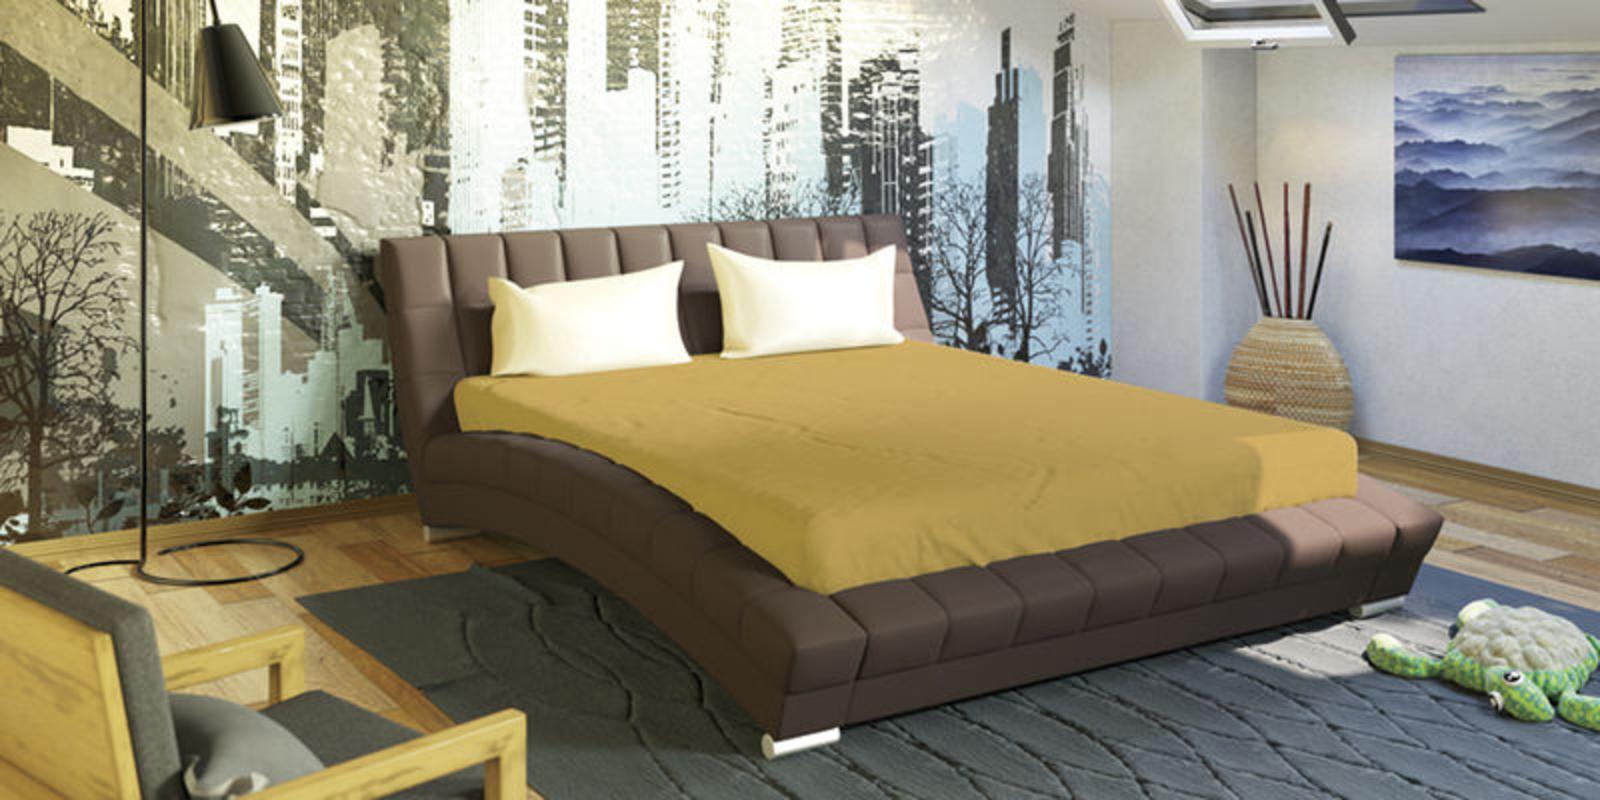 Кровать мягкая Оливия с ортопедическим основанием (Коричневый)